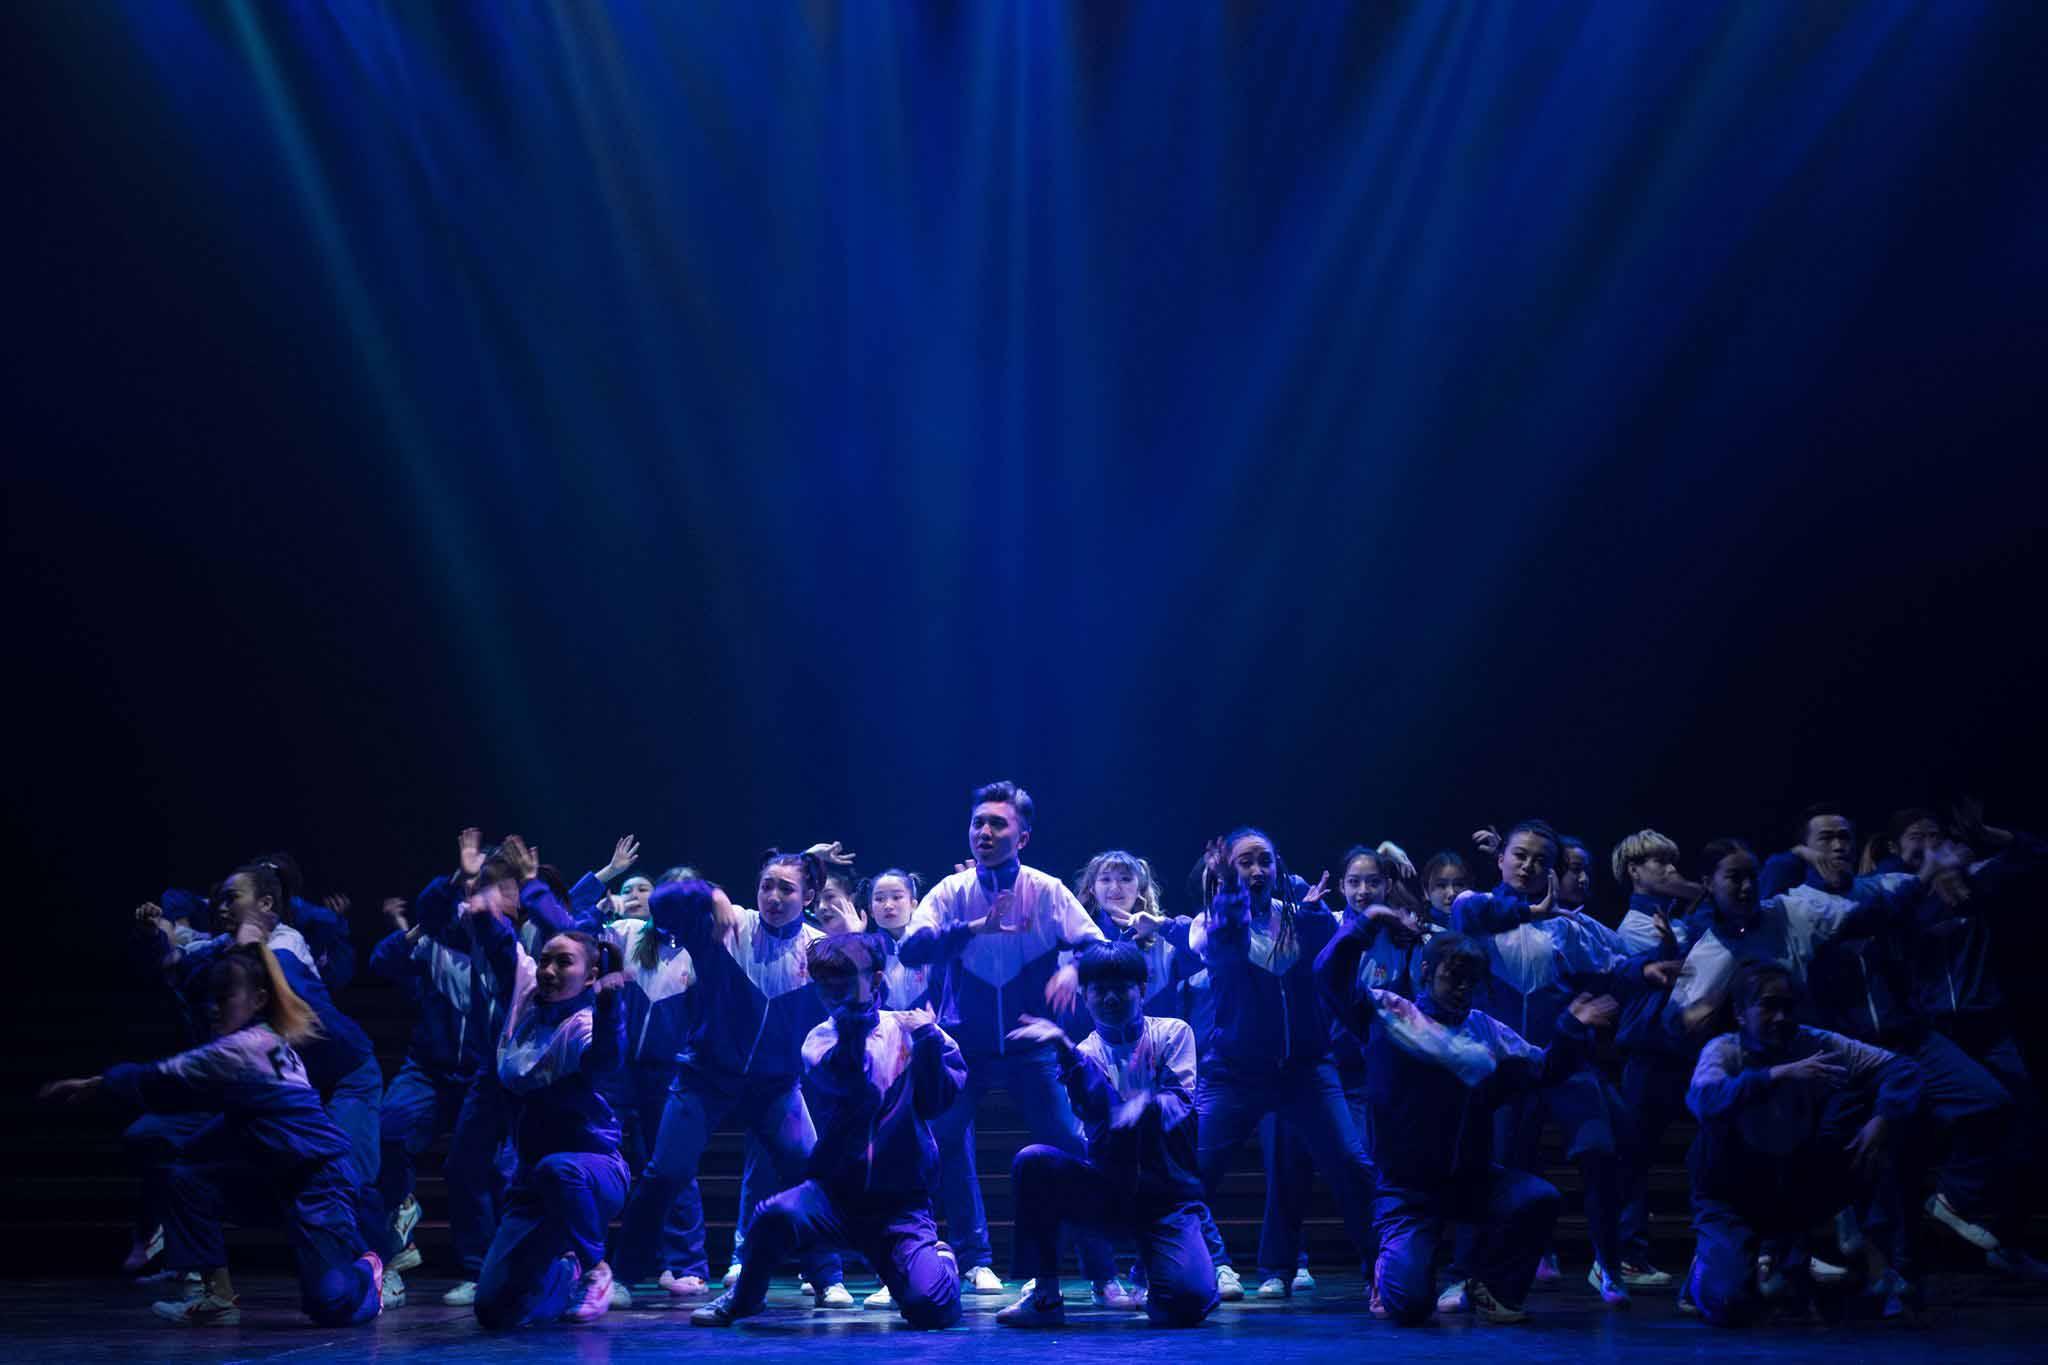 Việc làm của ngành Biên đạo múa sau khi tốt nghiệp